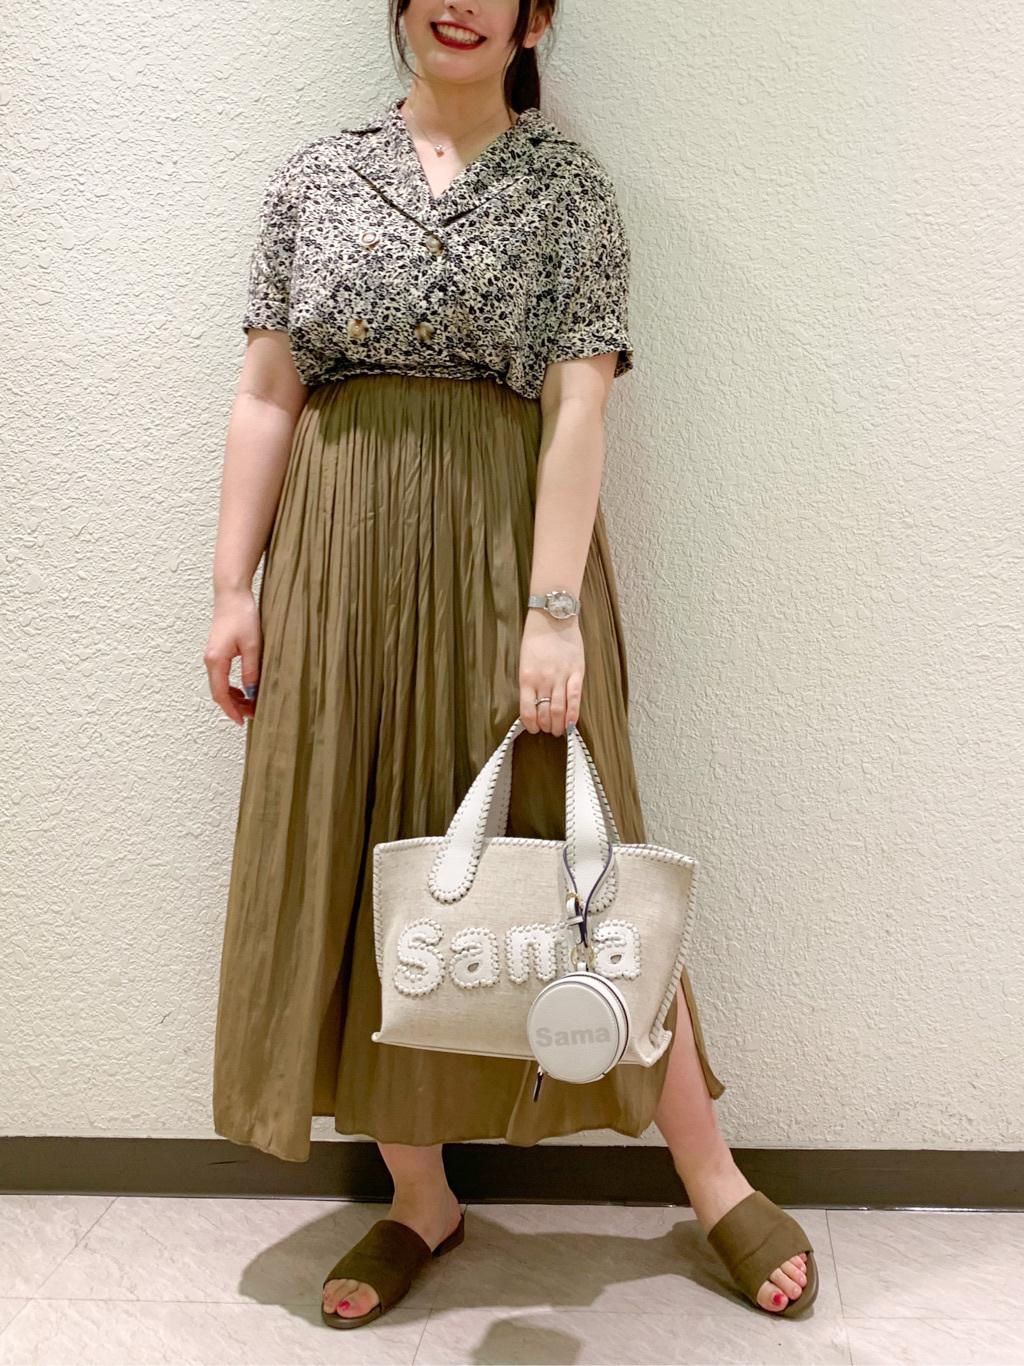 サマンサタバサ ルミネ横浜店 yatsu